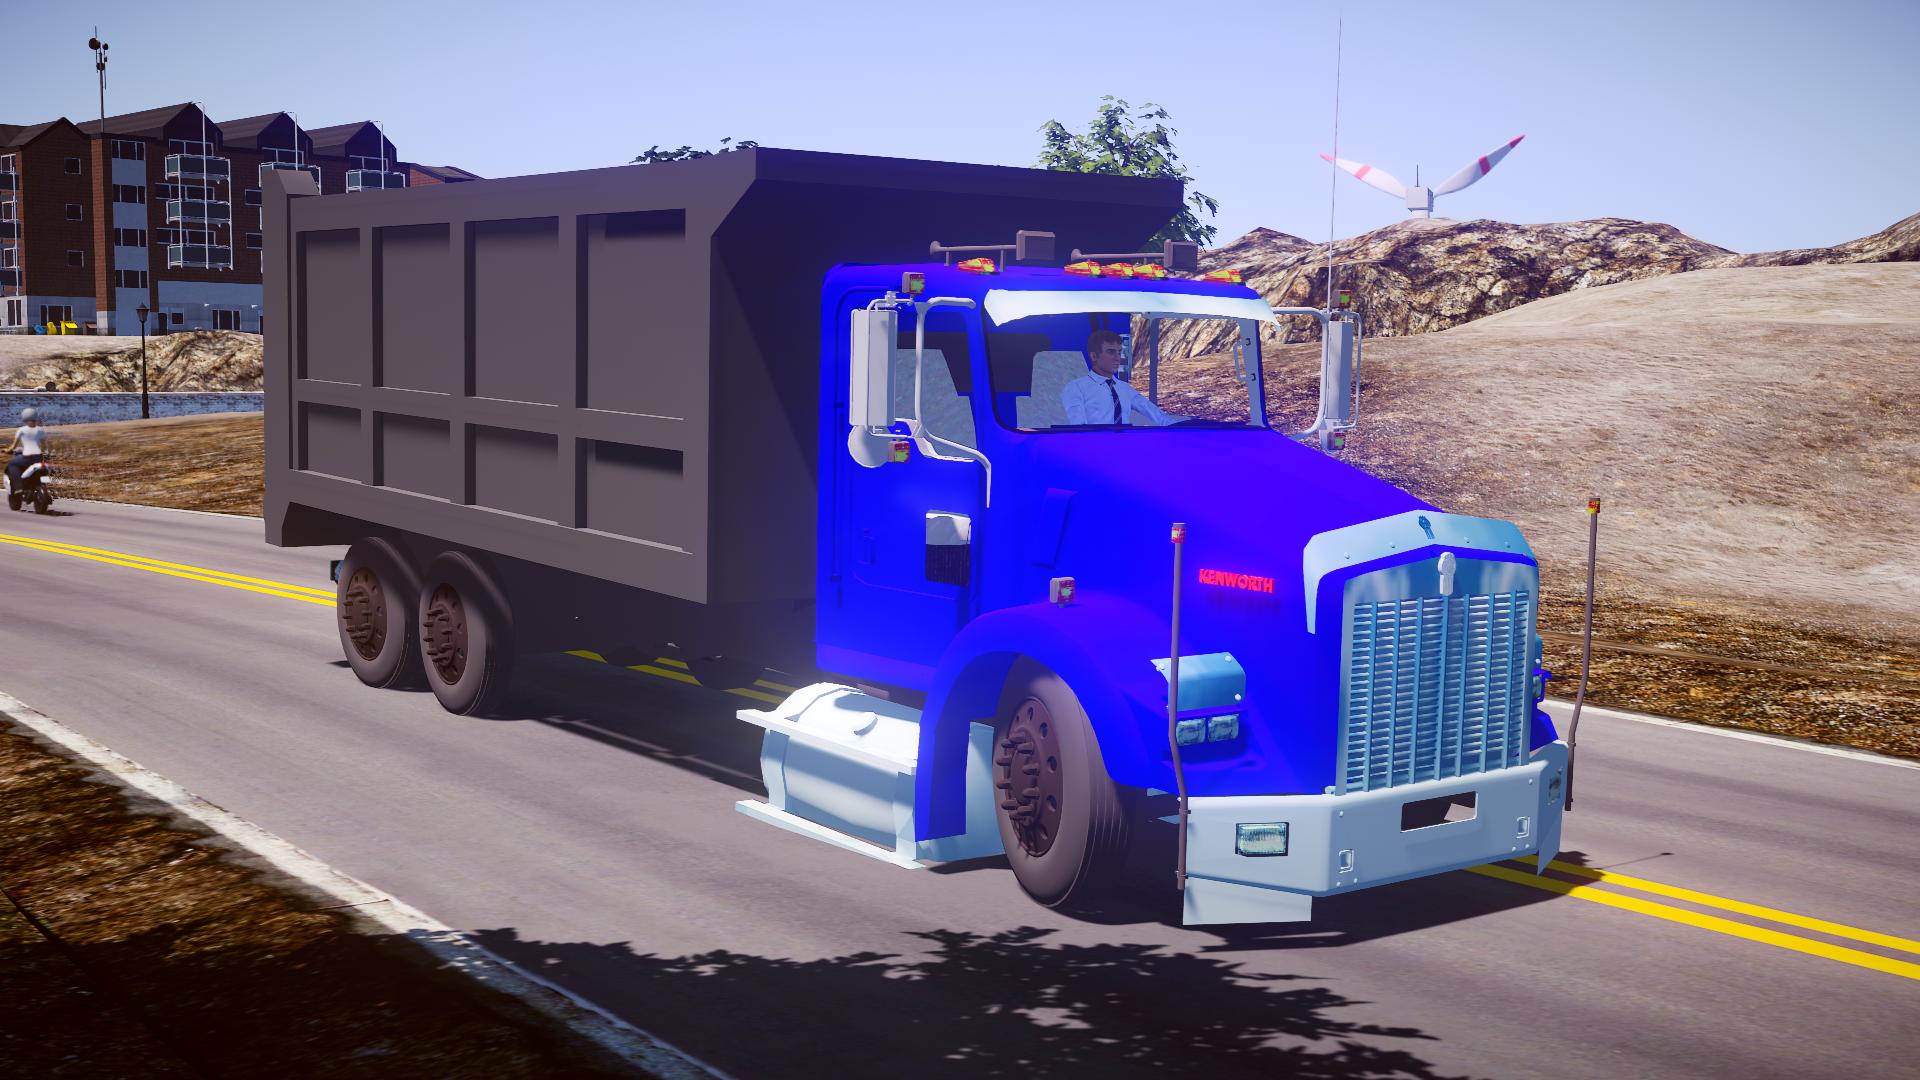 Mod do Caminhão KenWorth T800 (Caçamba) para Proton Bus Simulator/Road